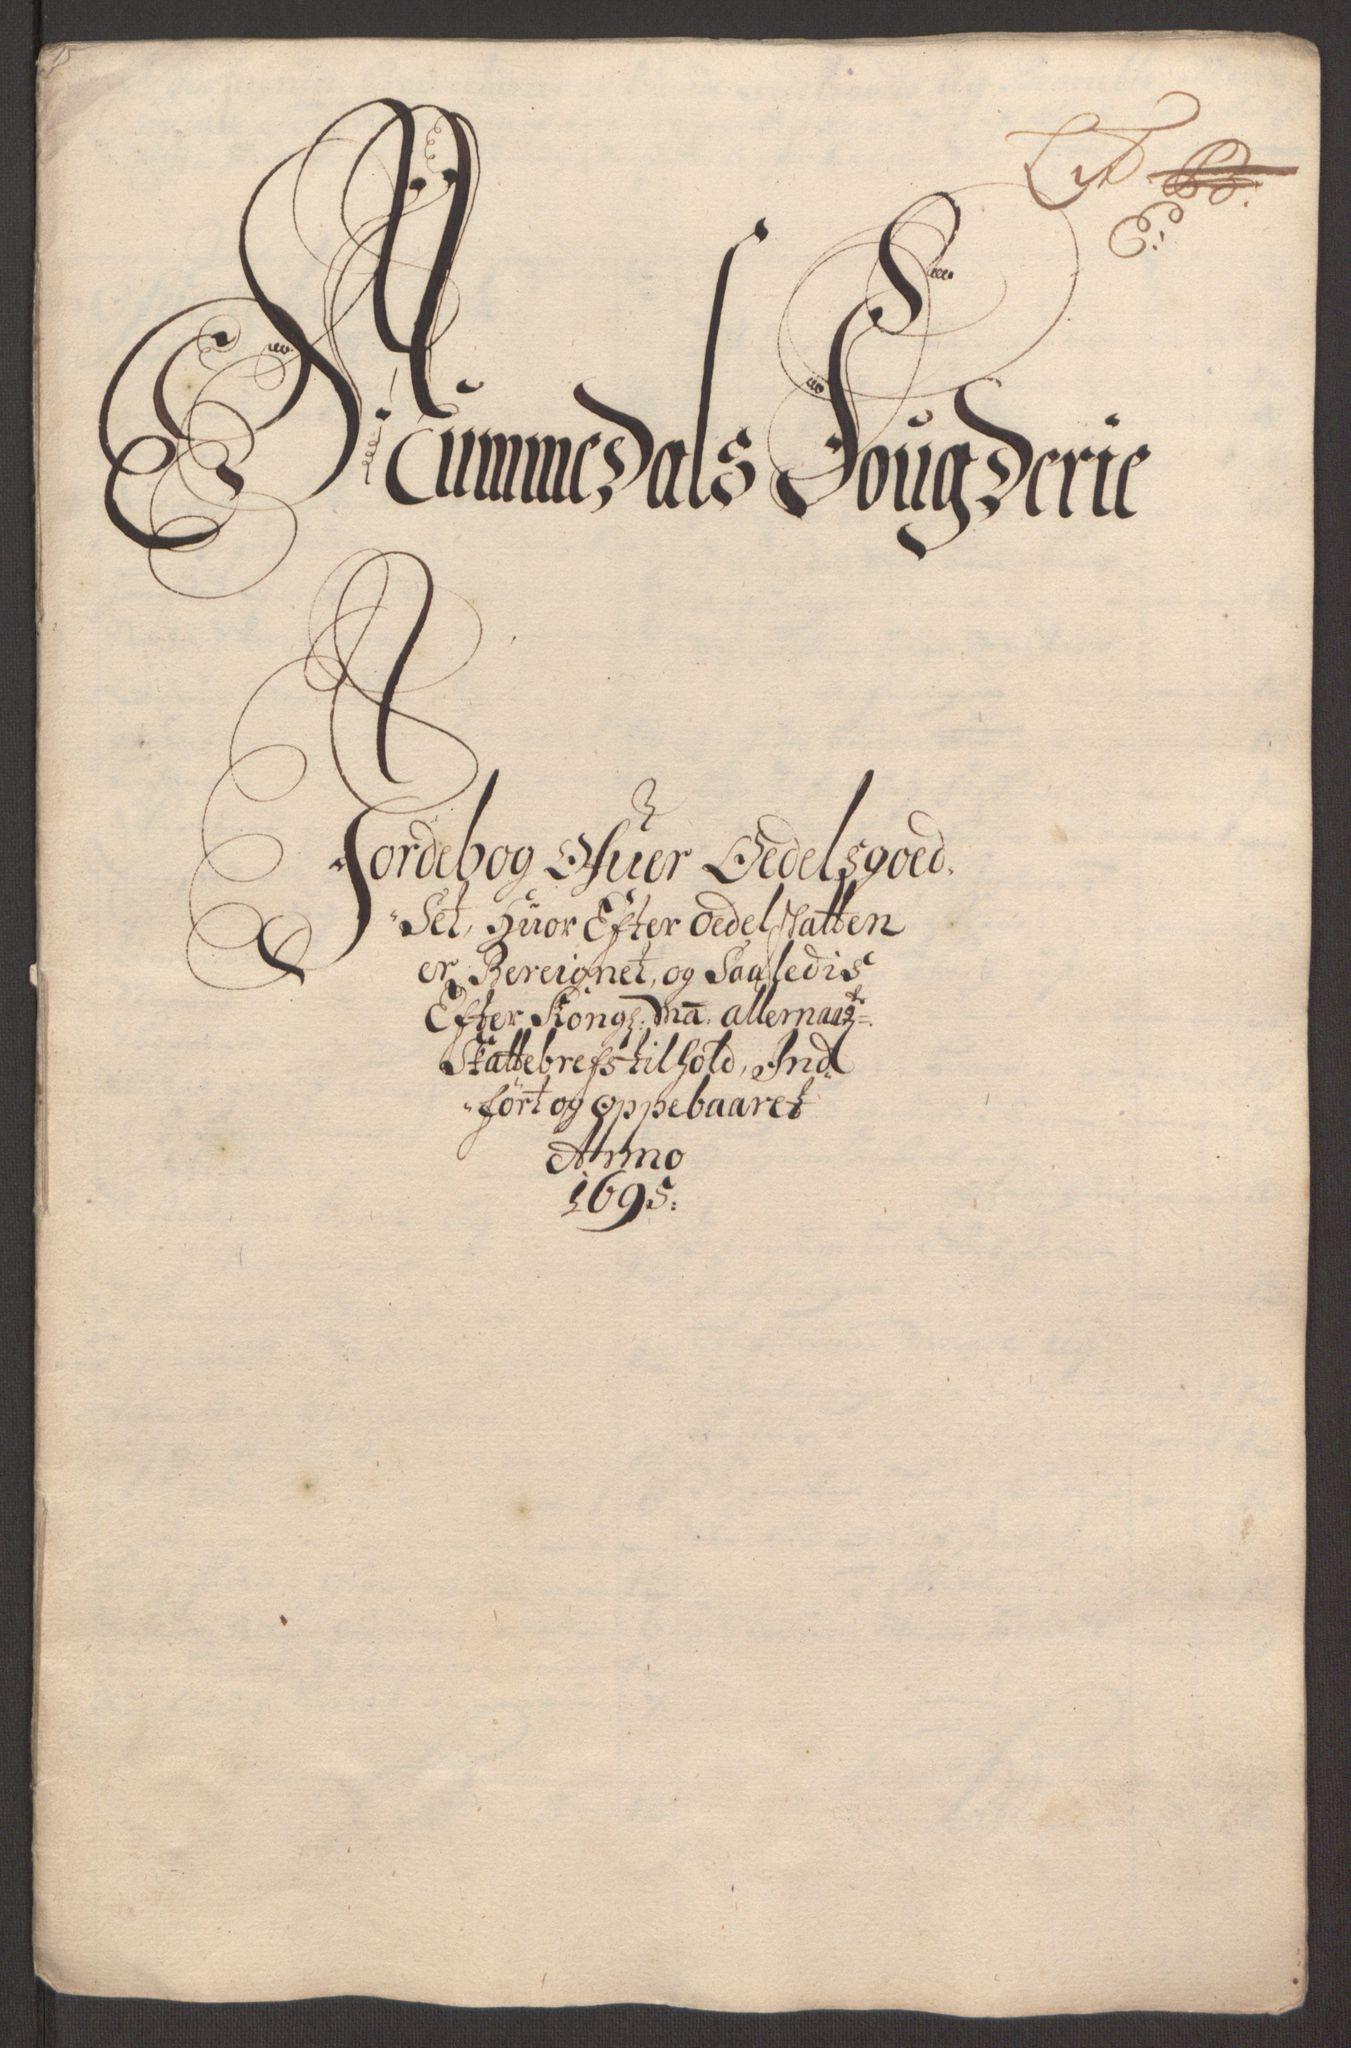 RA, Rentekammeret inntil 1814, Reviderte regnskaper, Fogderegnskap, R64/L4424: Fogderegnskap Namdal, 1692-1695, s. 469